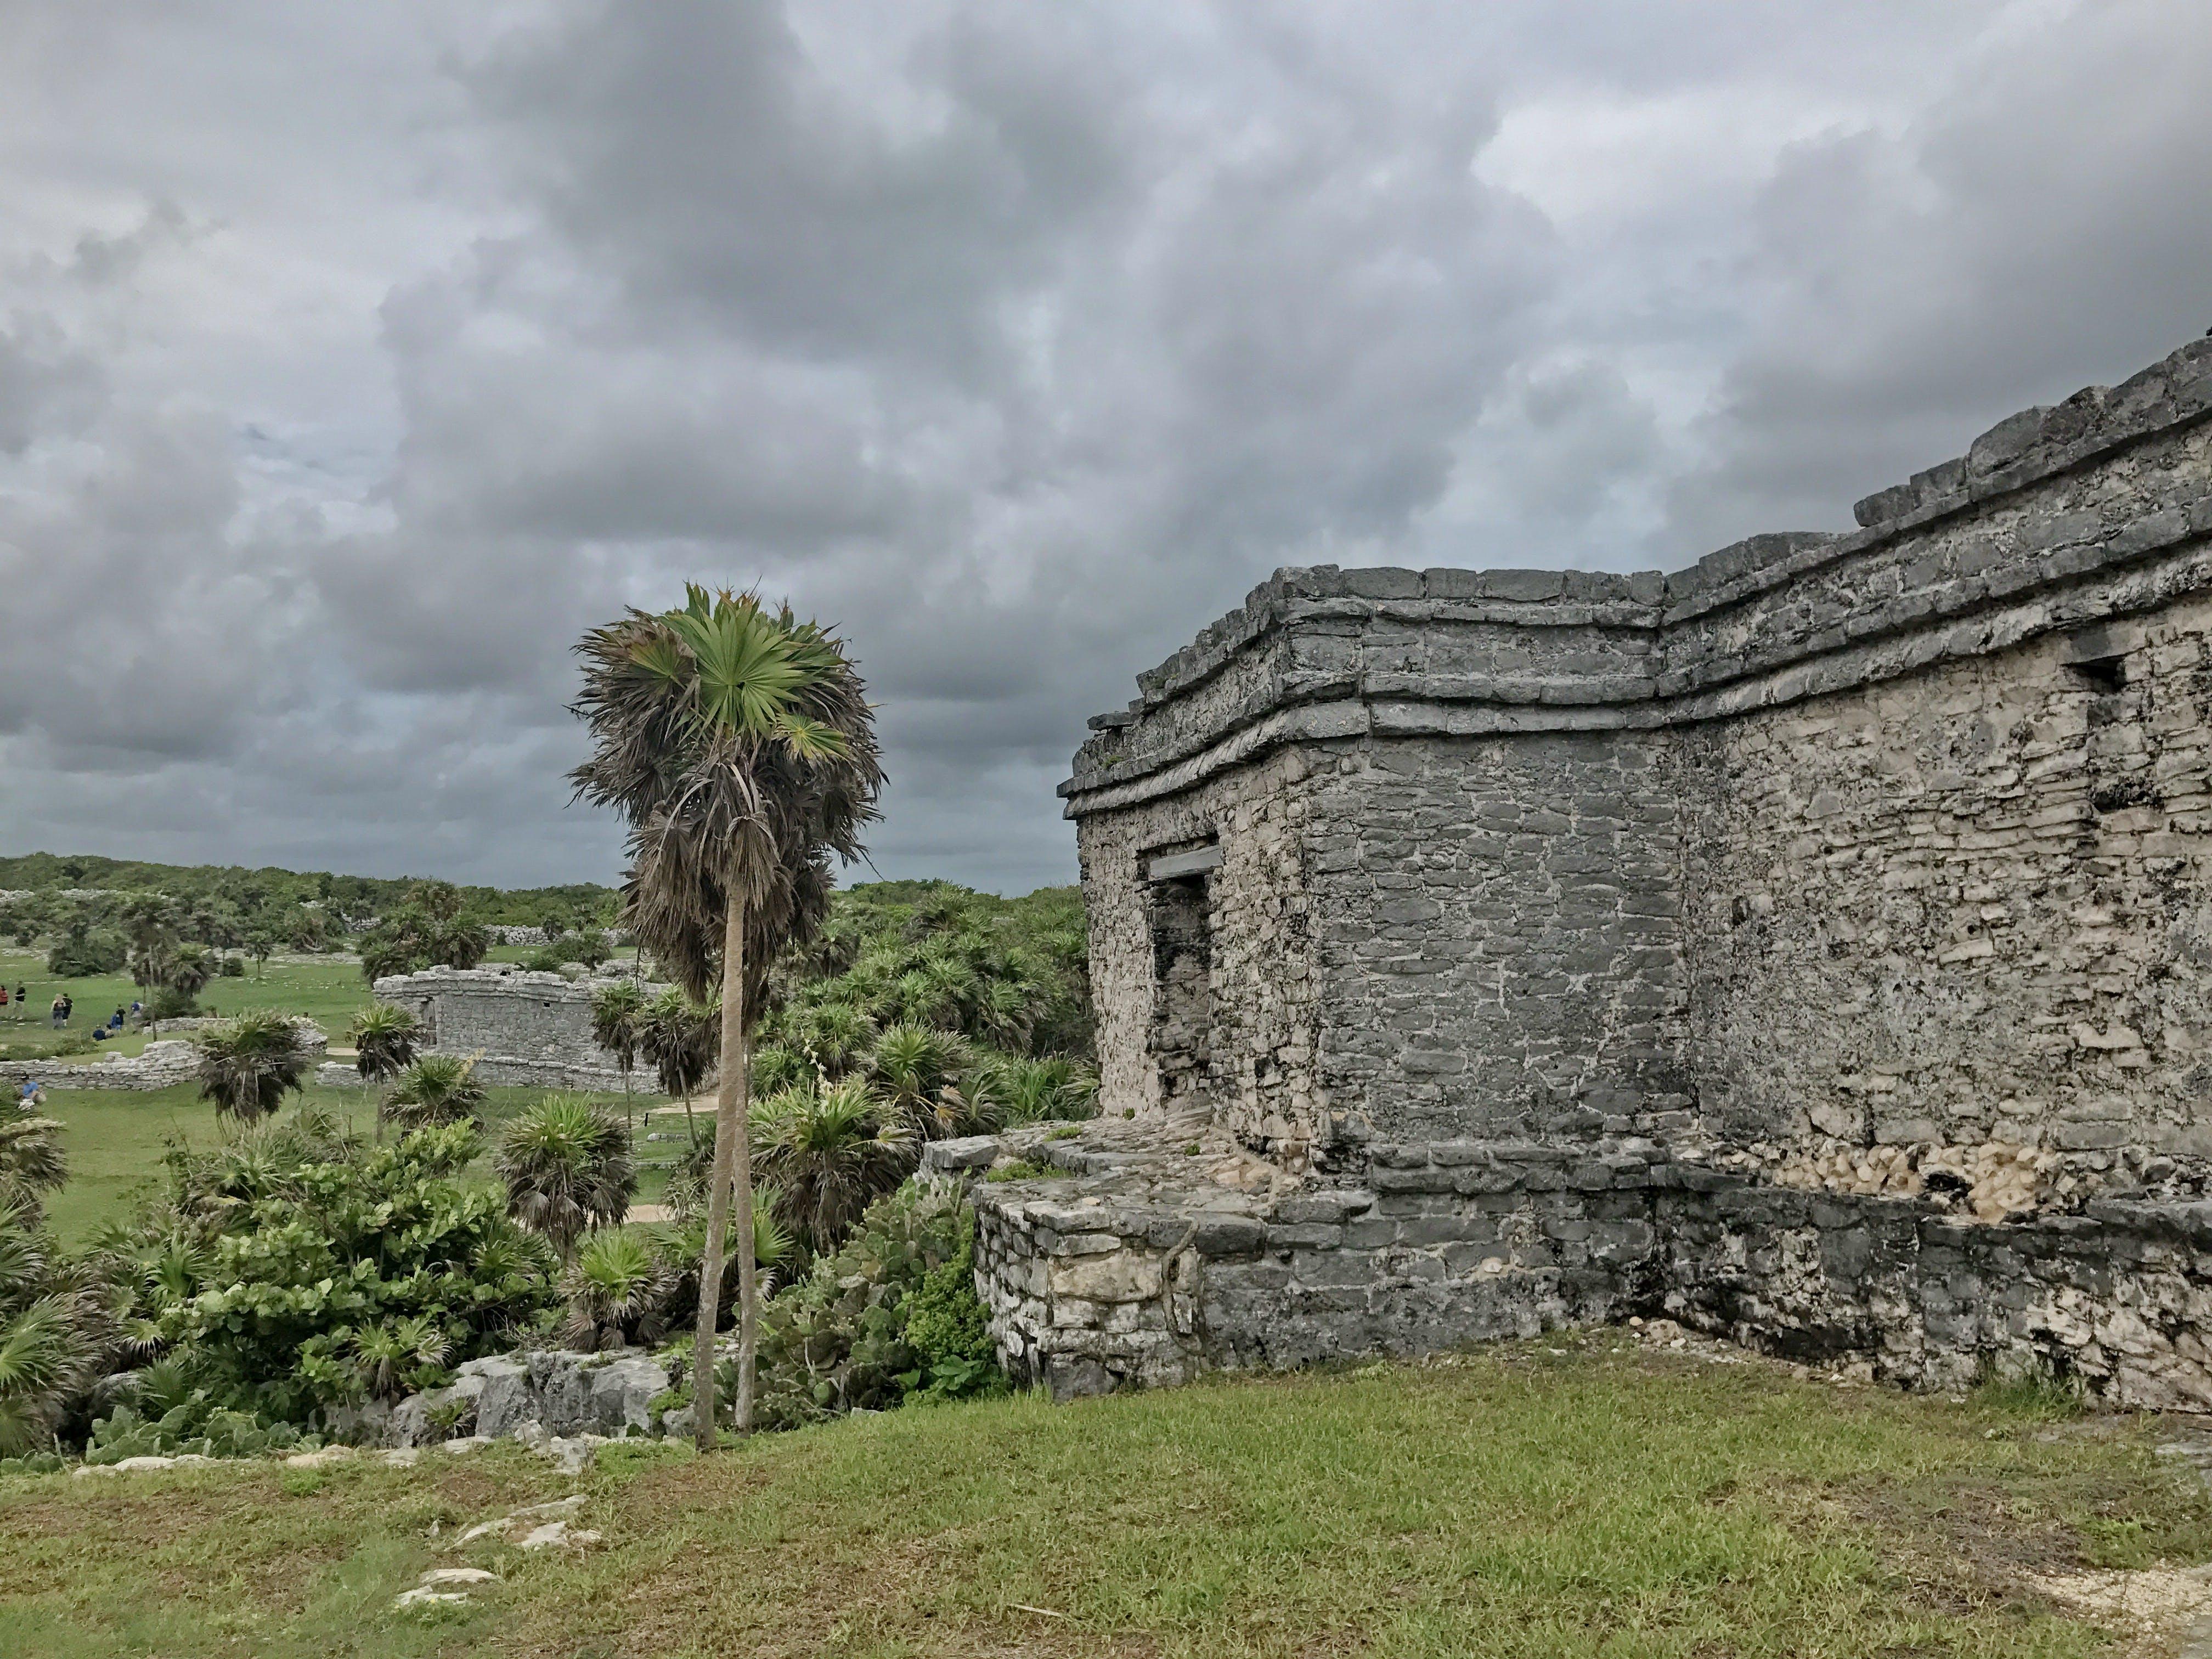 Free stock photo of Cobá, El Castillo, Mayan, palm tree